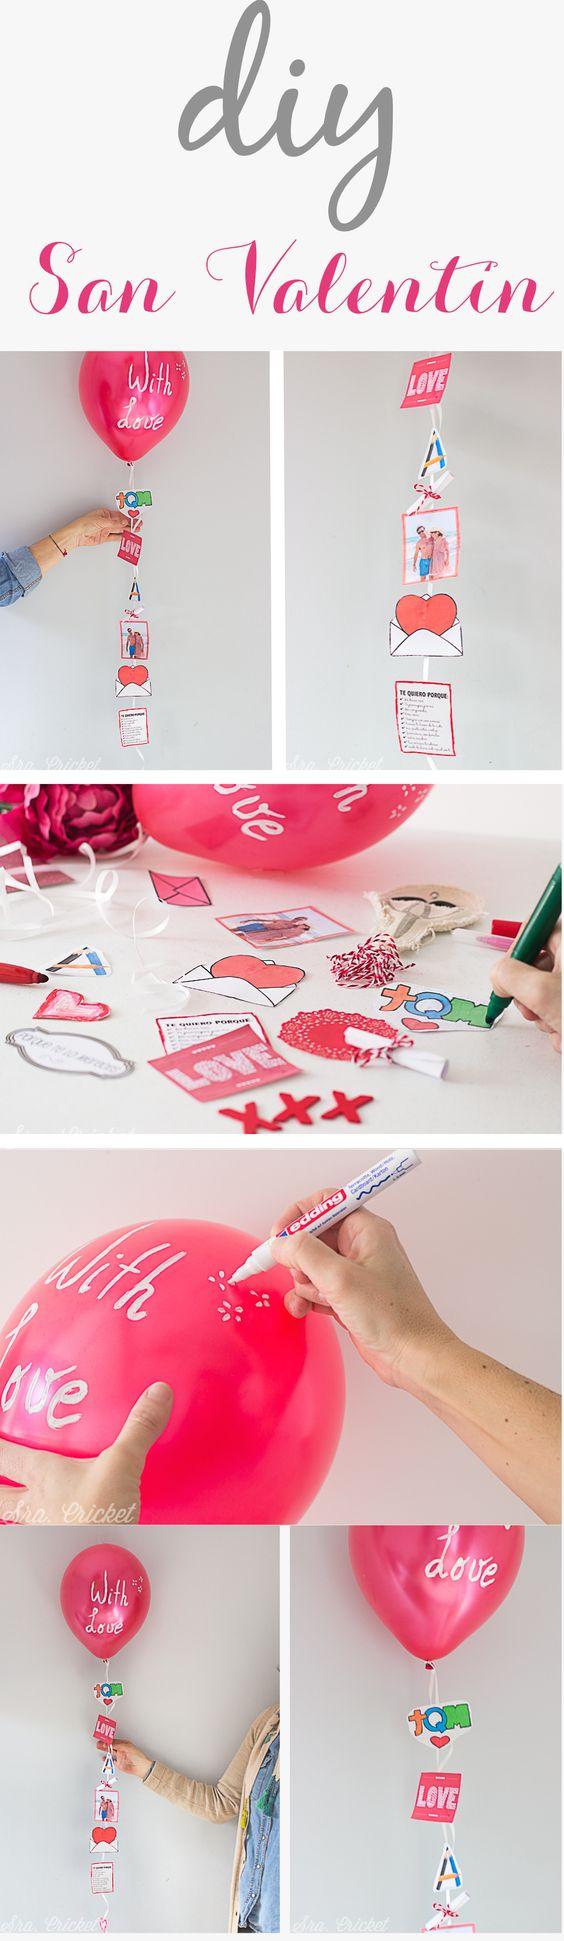 San Valentin Decoration Diy San Valent N Globo Con Recuerdos Fotos Mensajes